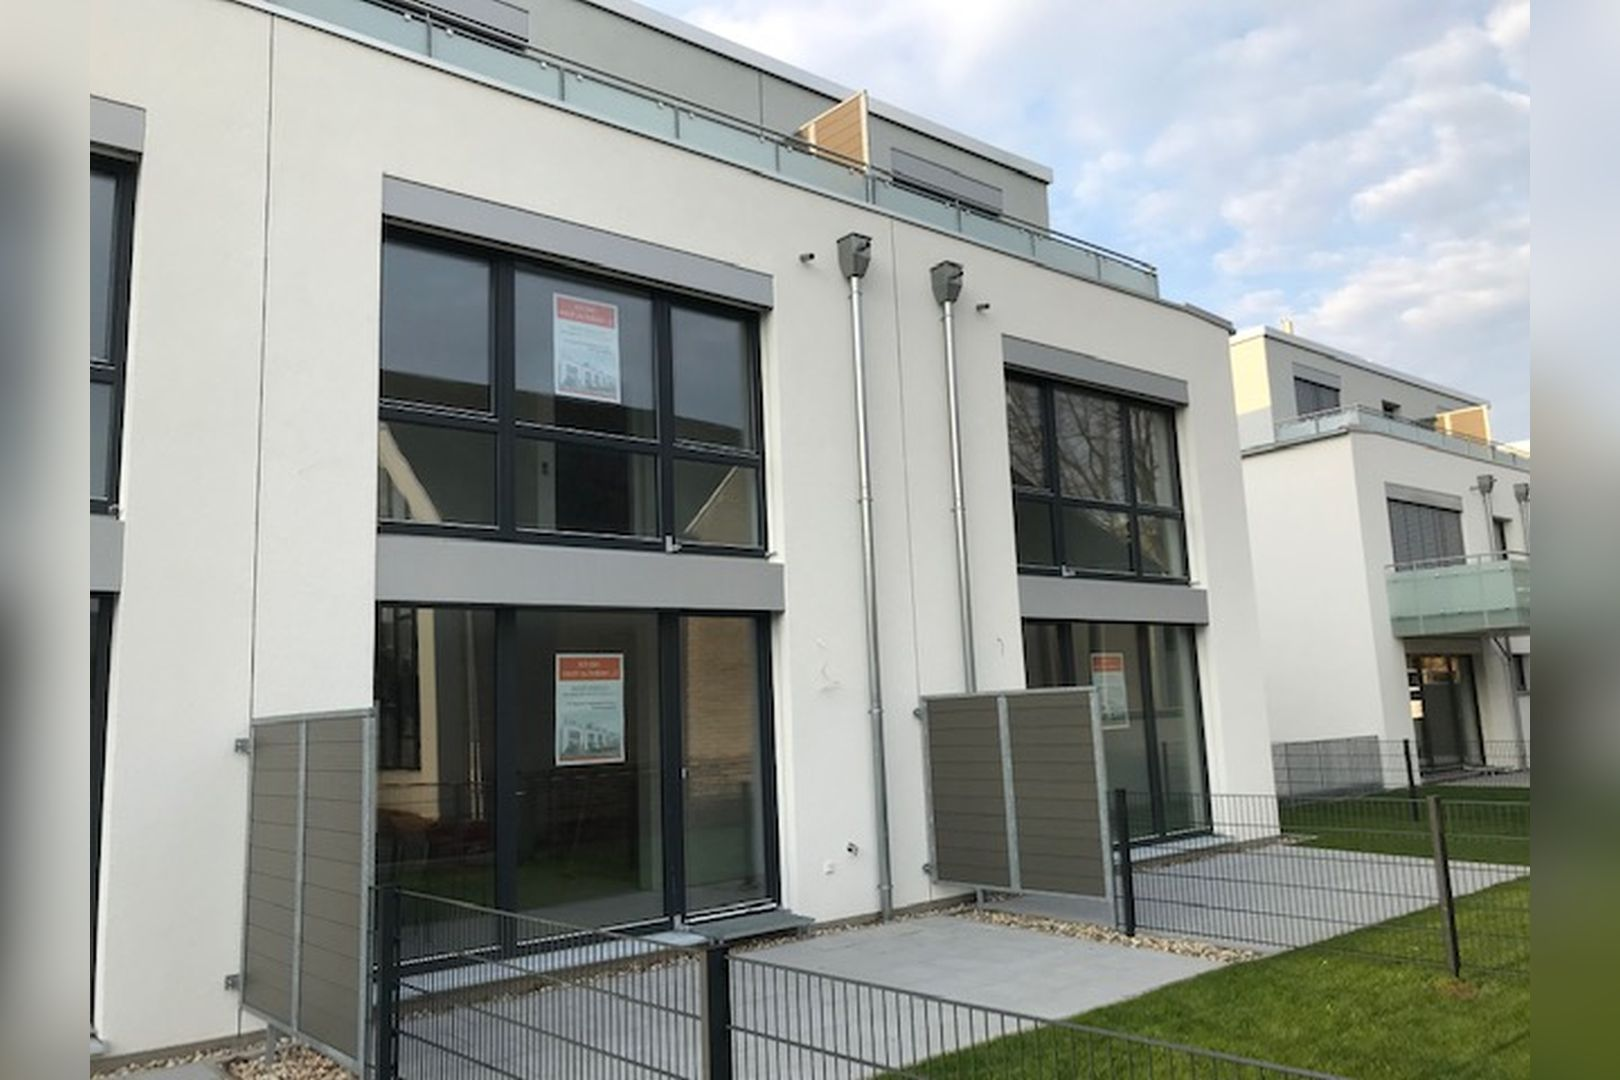 Immobilie Nr.BÖ-03 - BÖ-03;  Reihenmittelhaus mit Garten und Dachterrasse - Bild 6.jpg